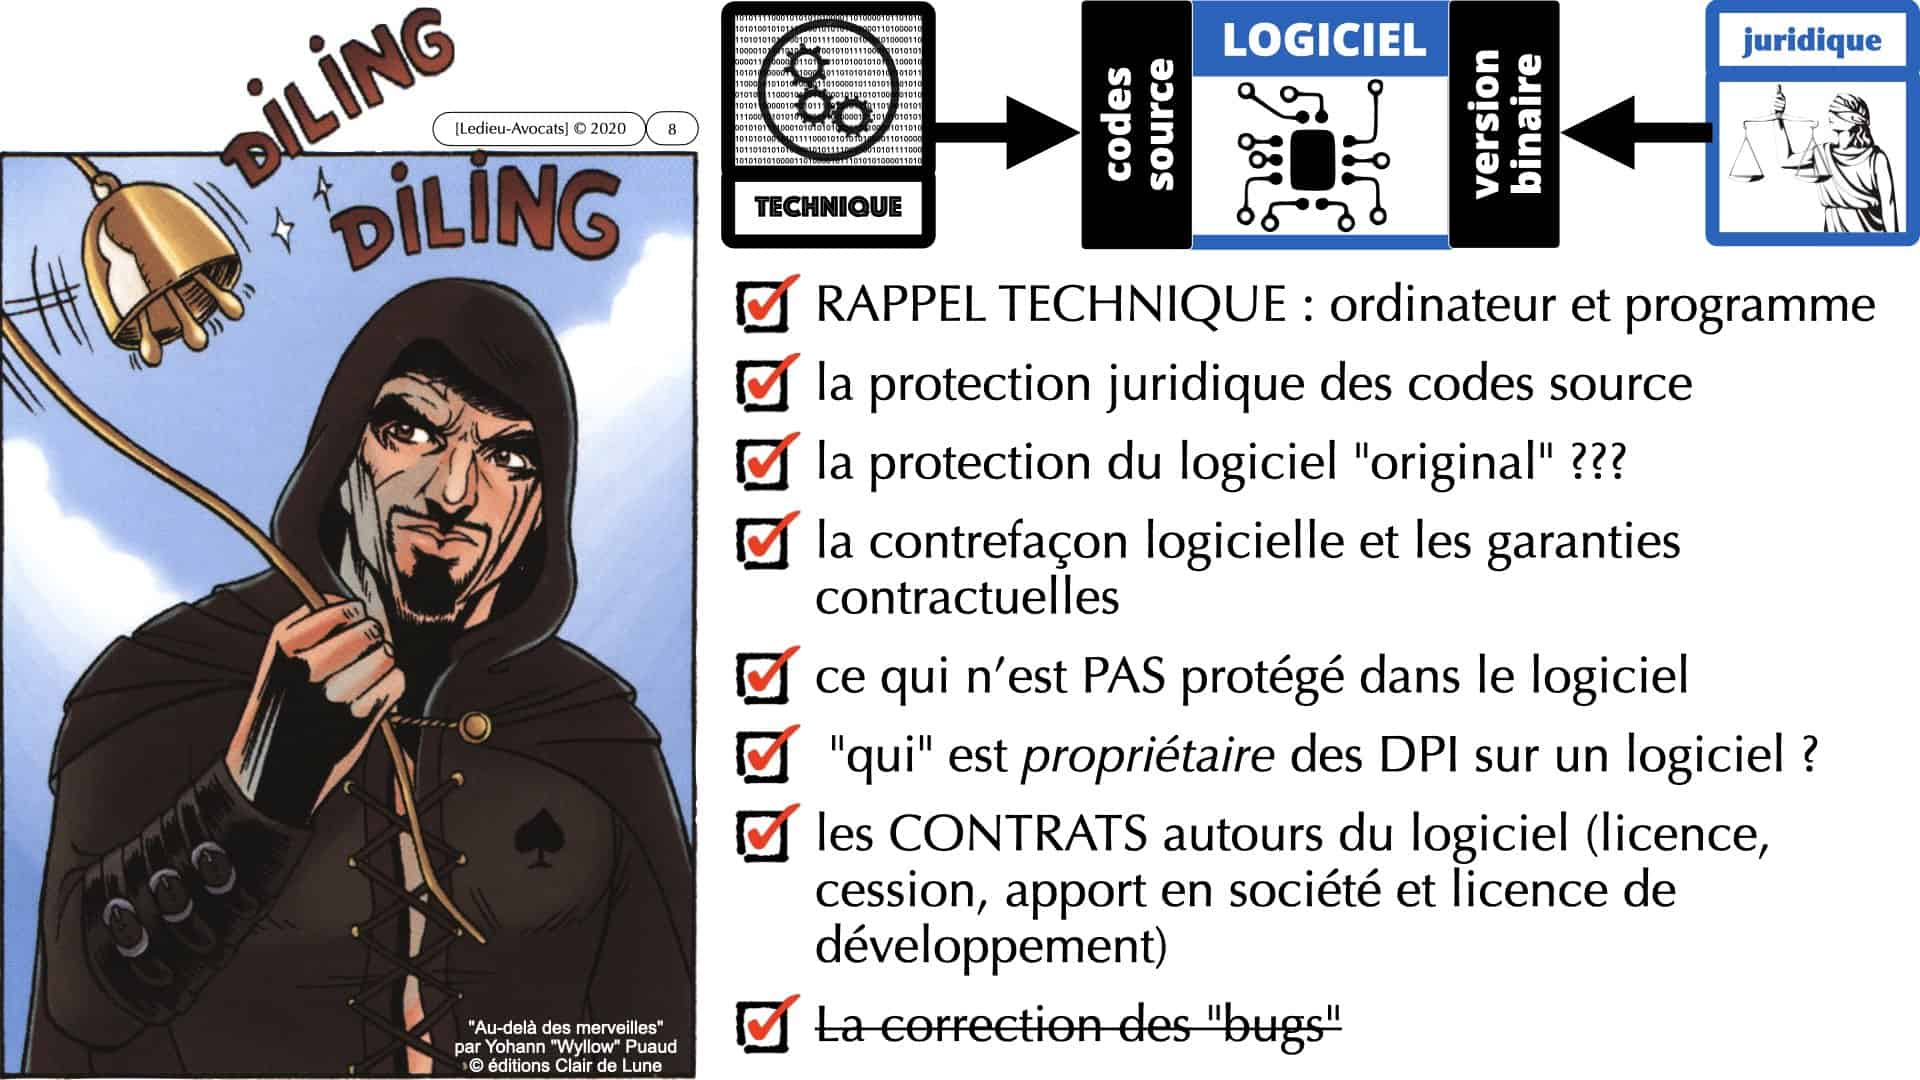 logiciel juridique et technique